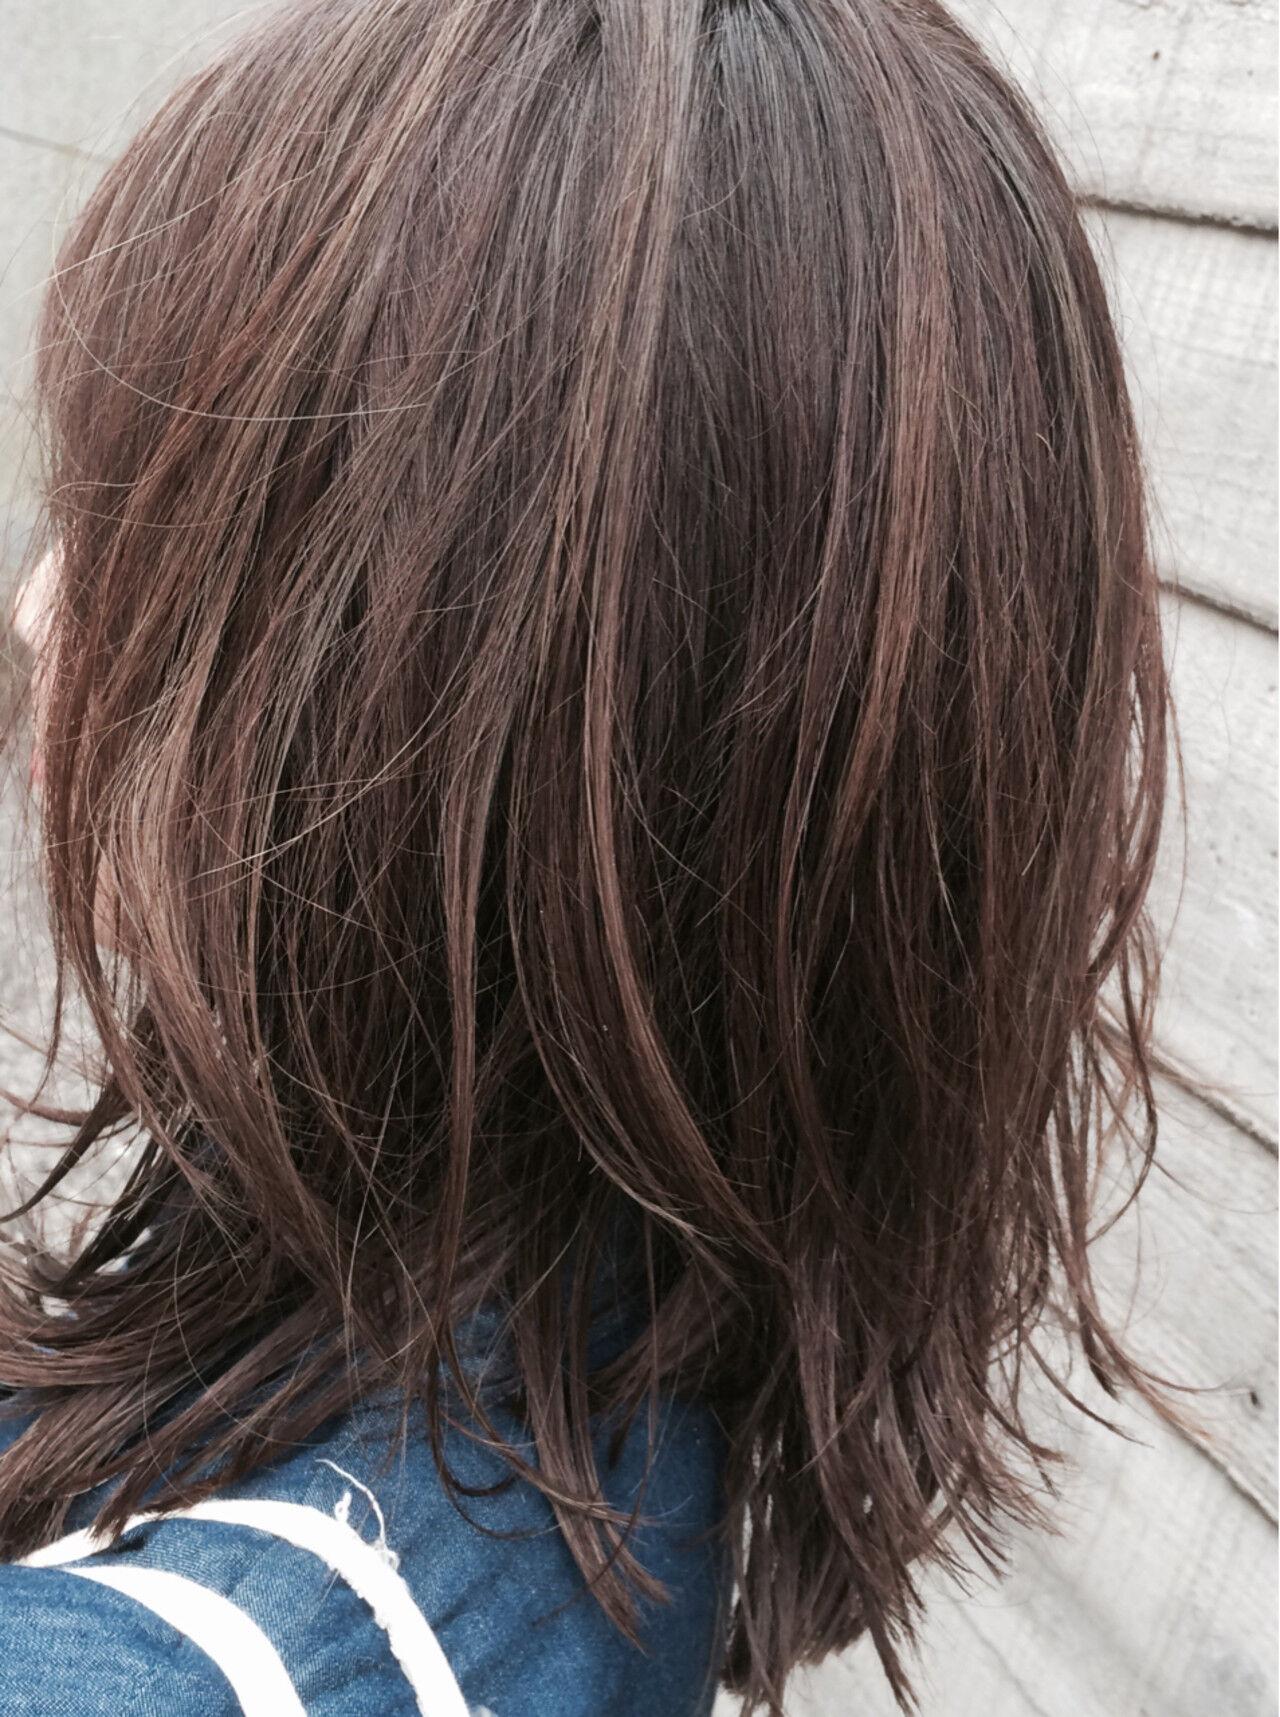 外国人風 ストリート パーマ ハイライトヘアスタイルや髪型の写真・画像